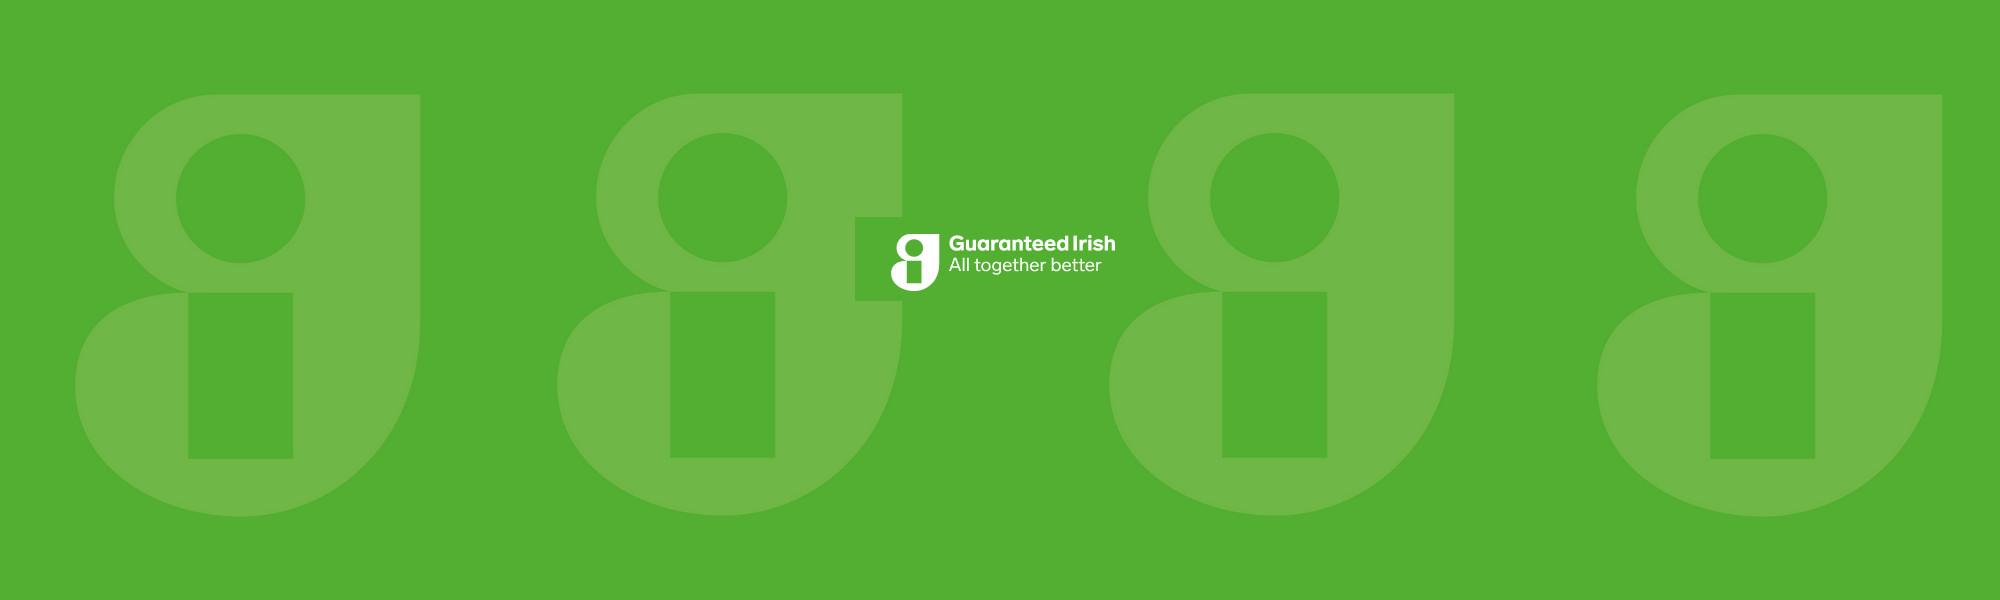 Ecocel is Guaranteed Irish